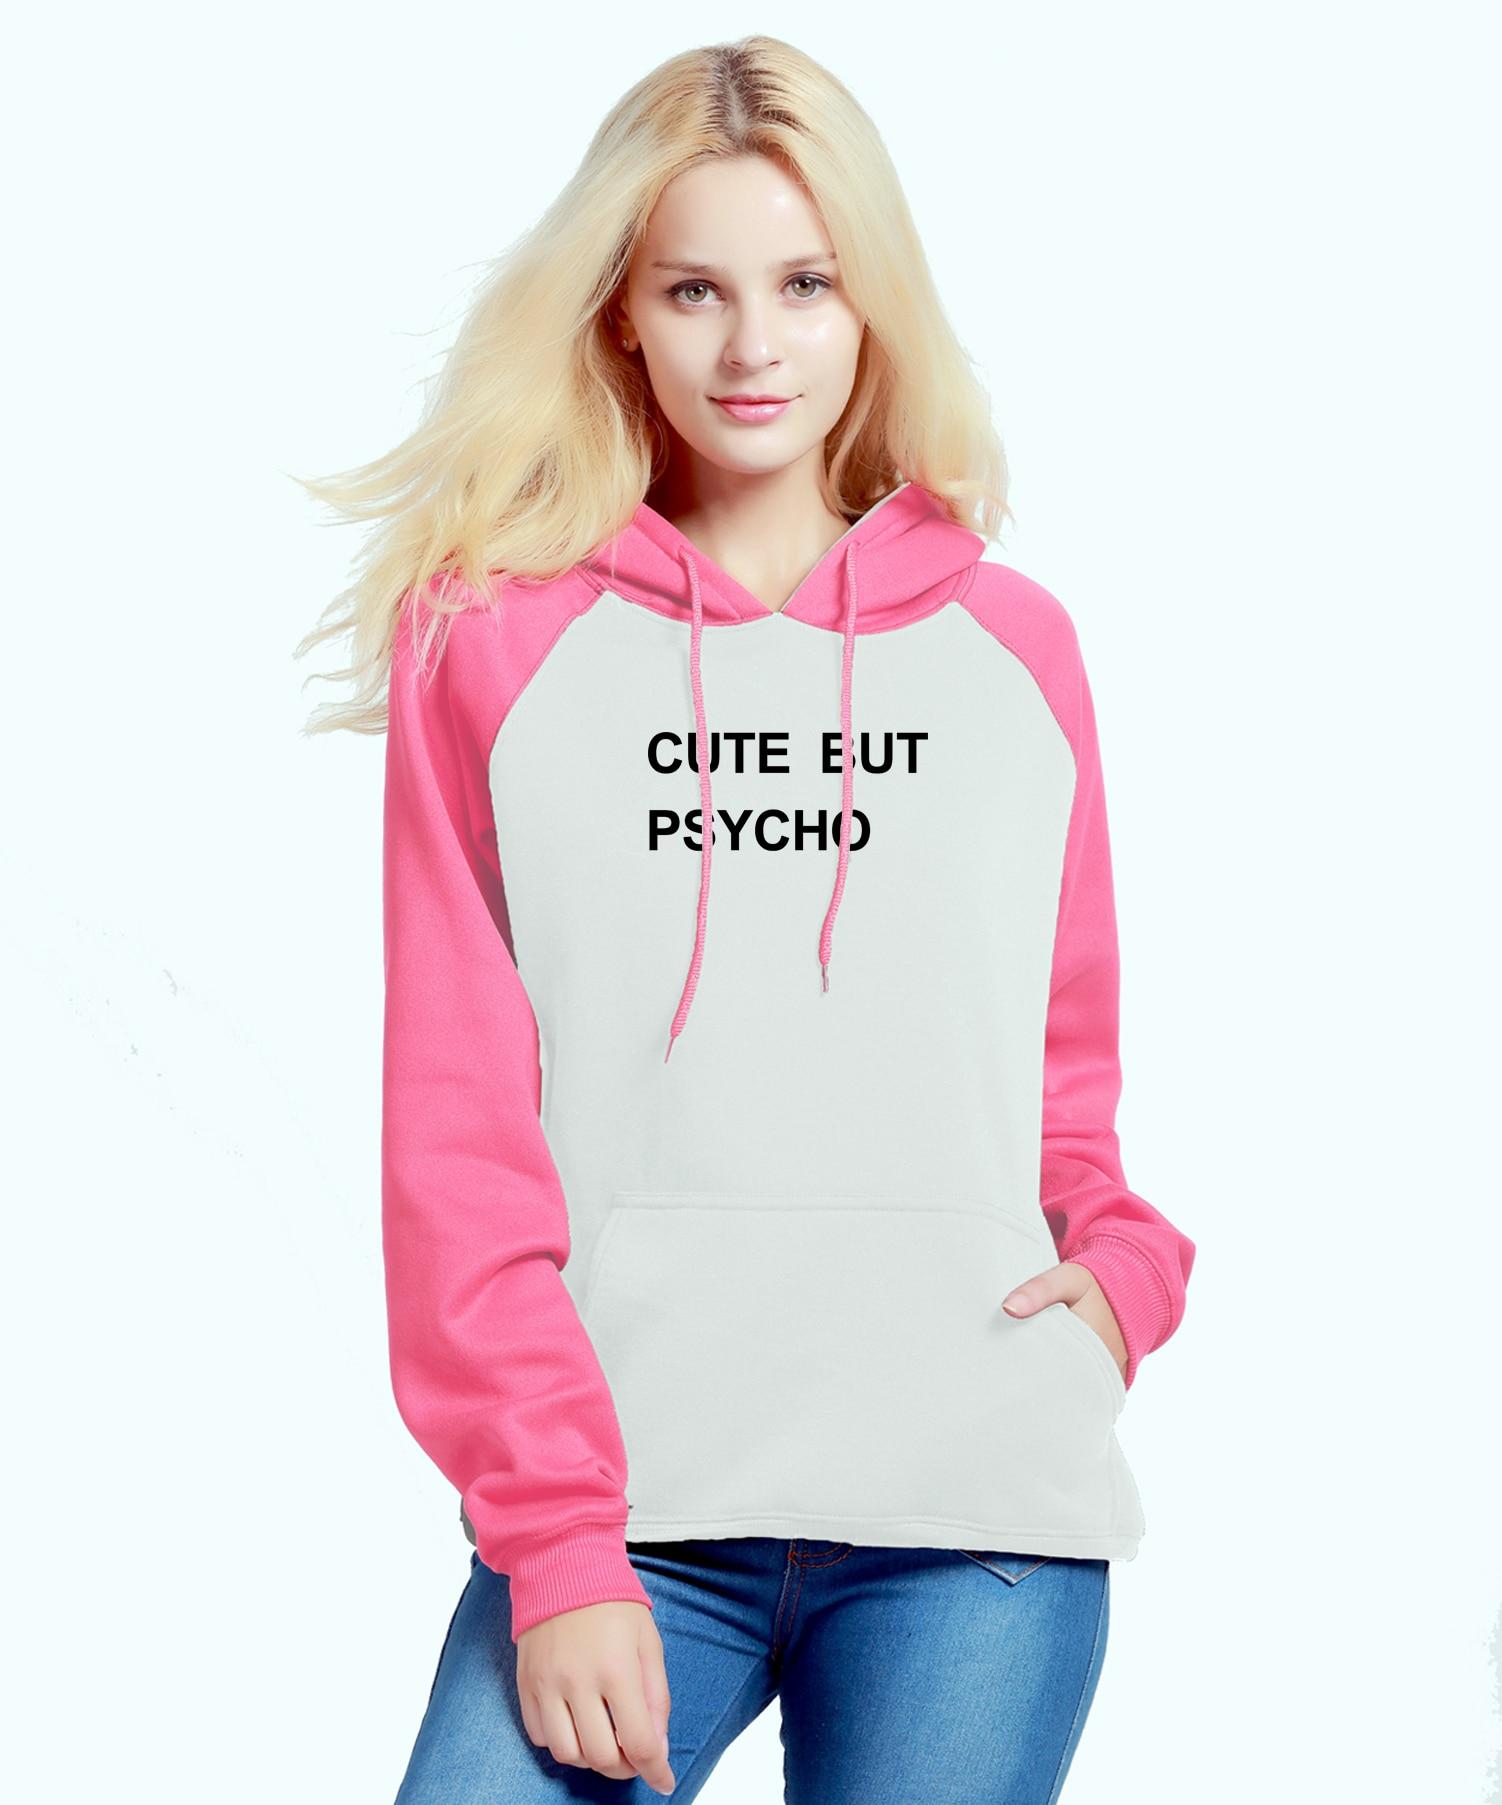 Kawaii Sweatshirt For Female 2019 Autumn Winter Fleece Raglan Hoody Letter Print CUTE BUT PSYCHO Womens Sportswear Crossfit Kpop